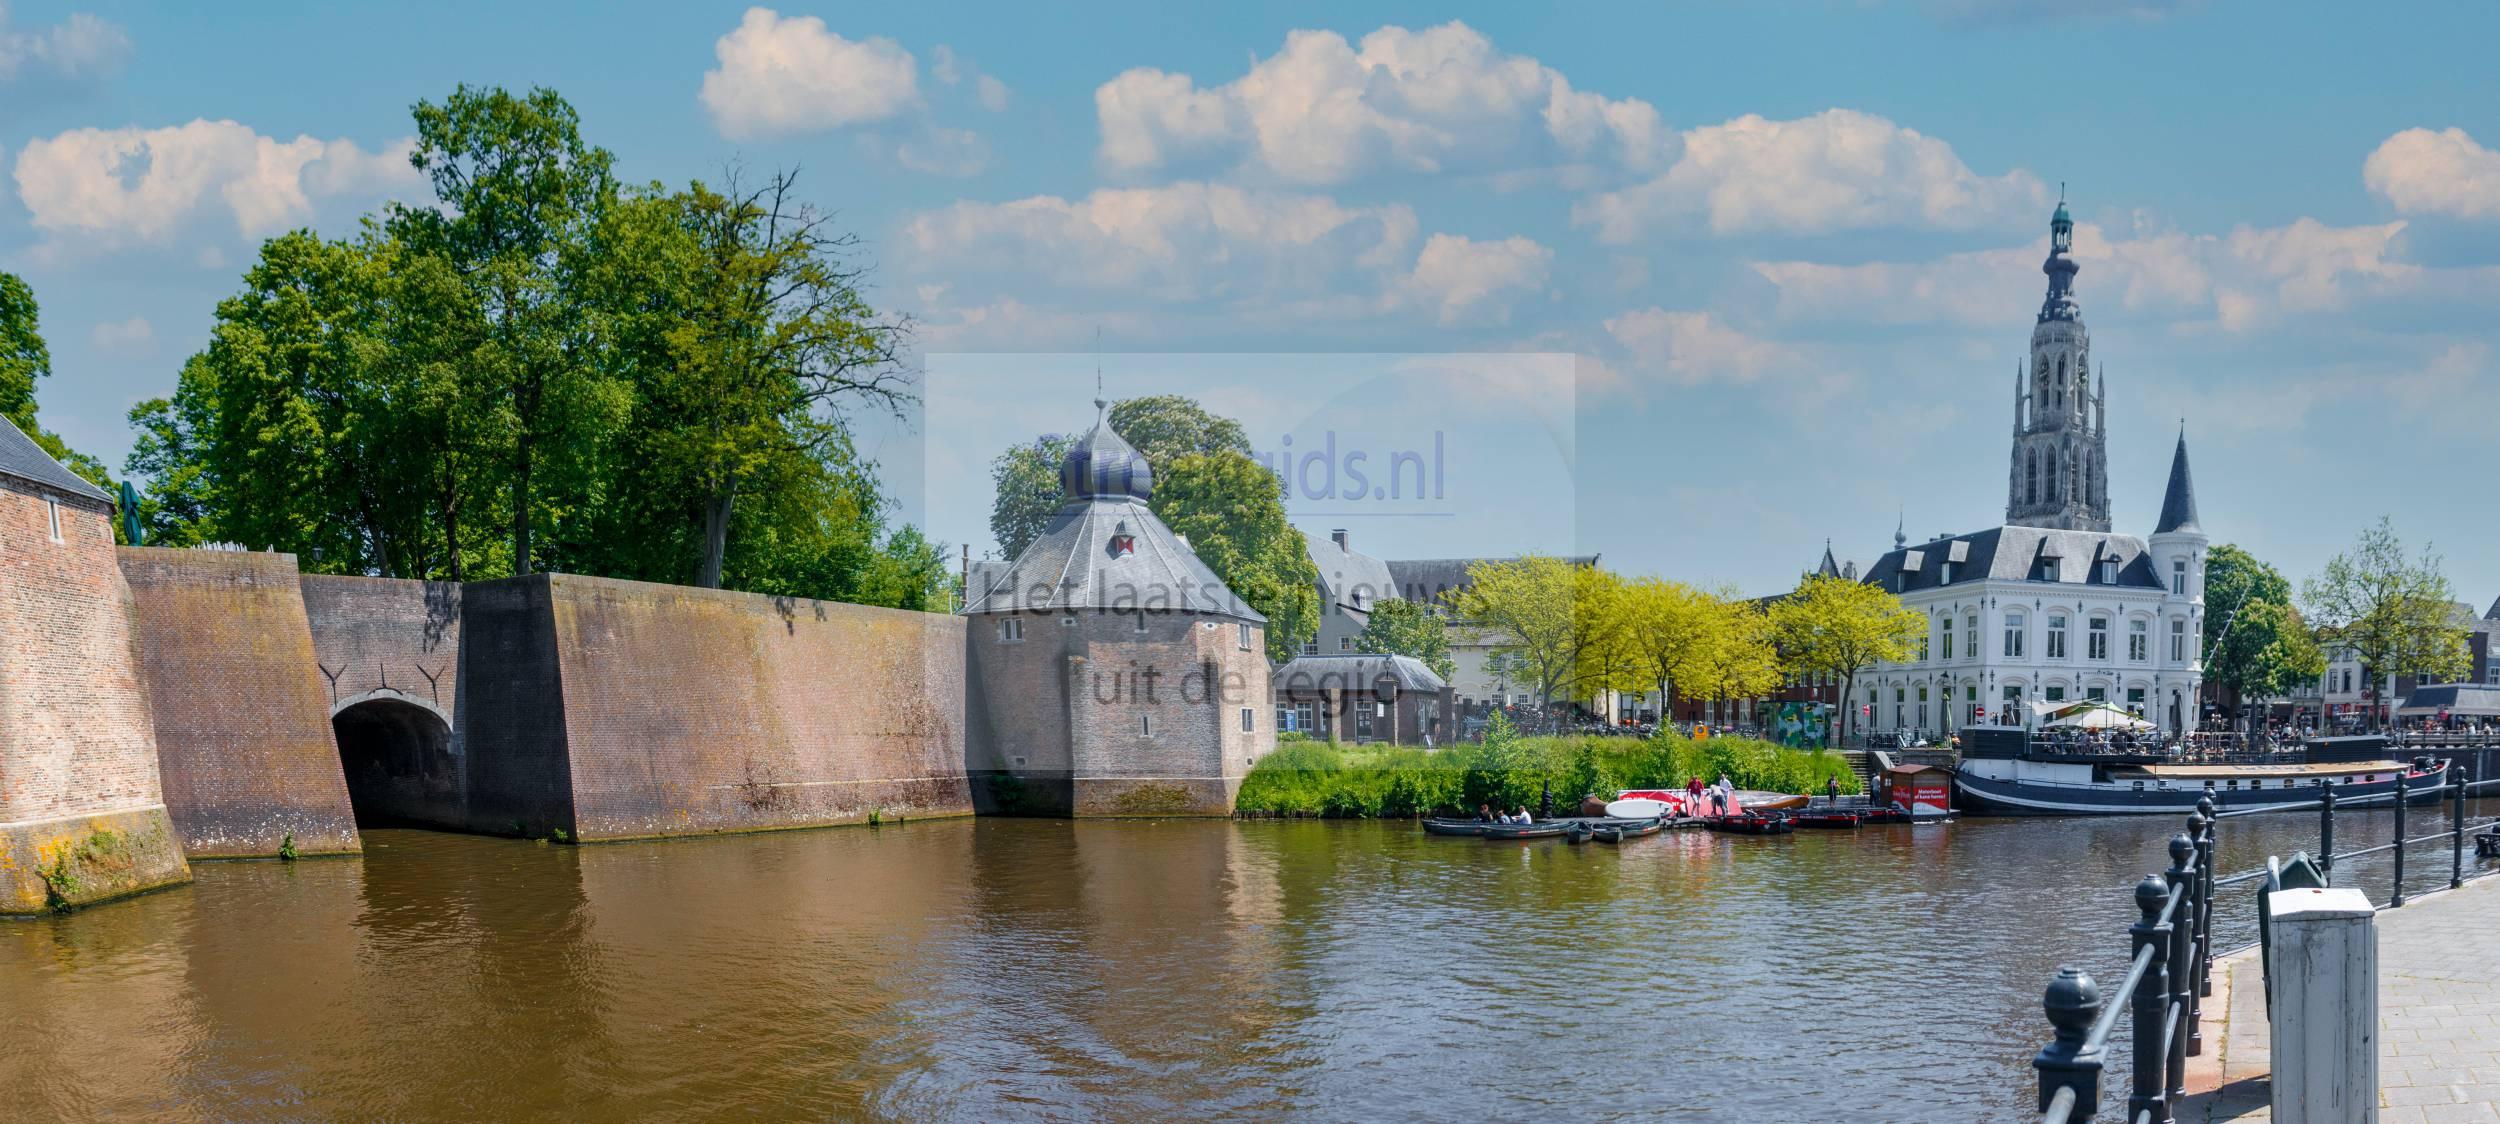 Breda: Spanjaardsgat en de grote kerk